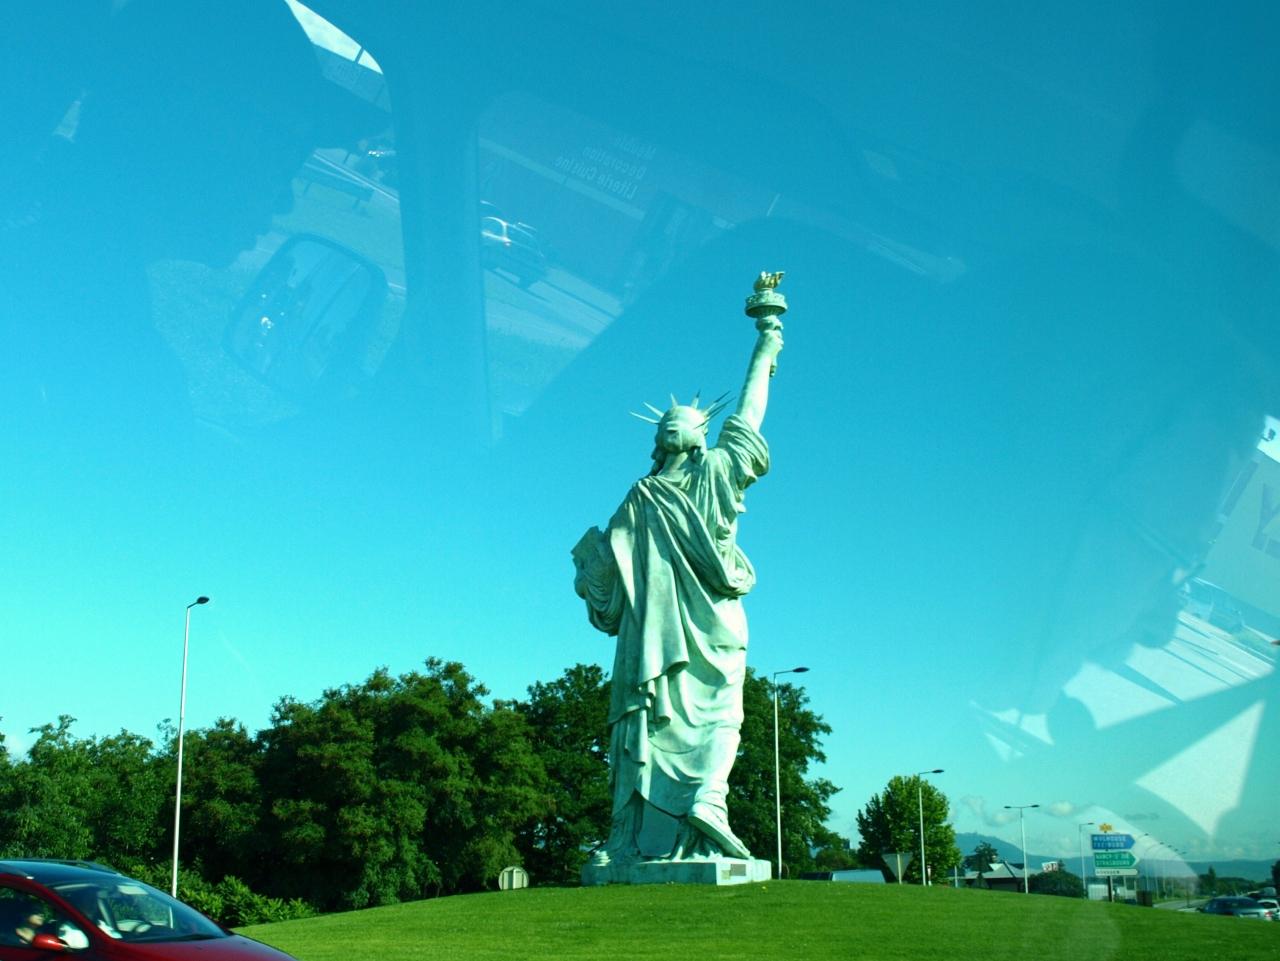 自由の女神像 (ニューヨーク)の画像 p1_28